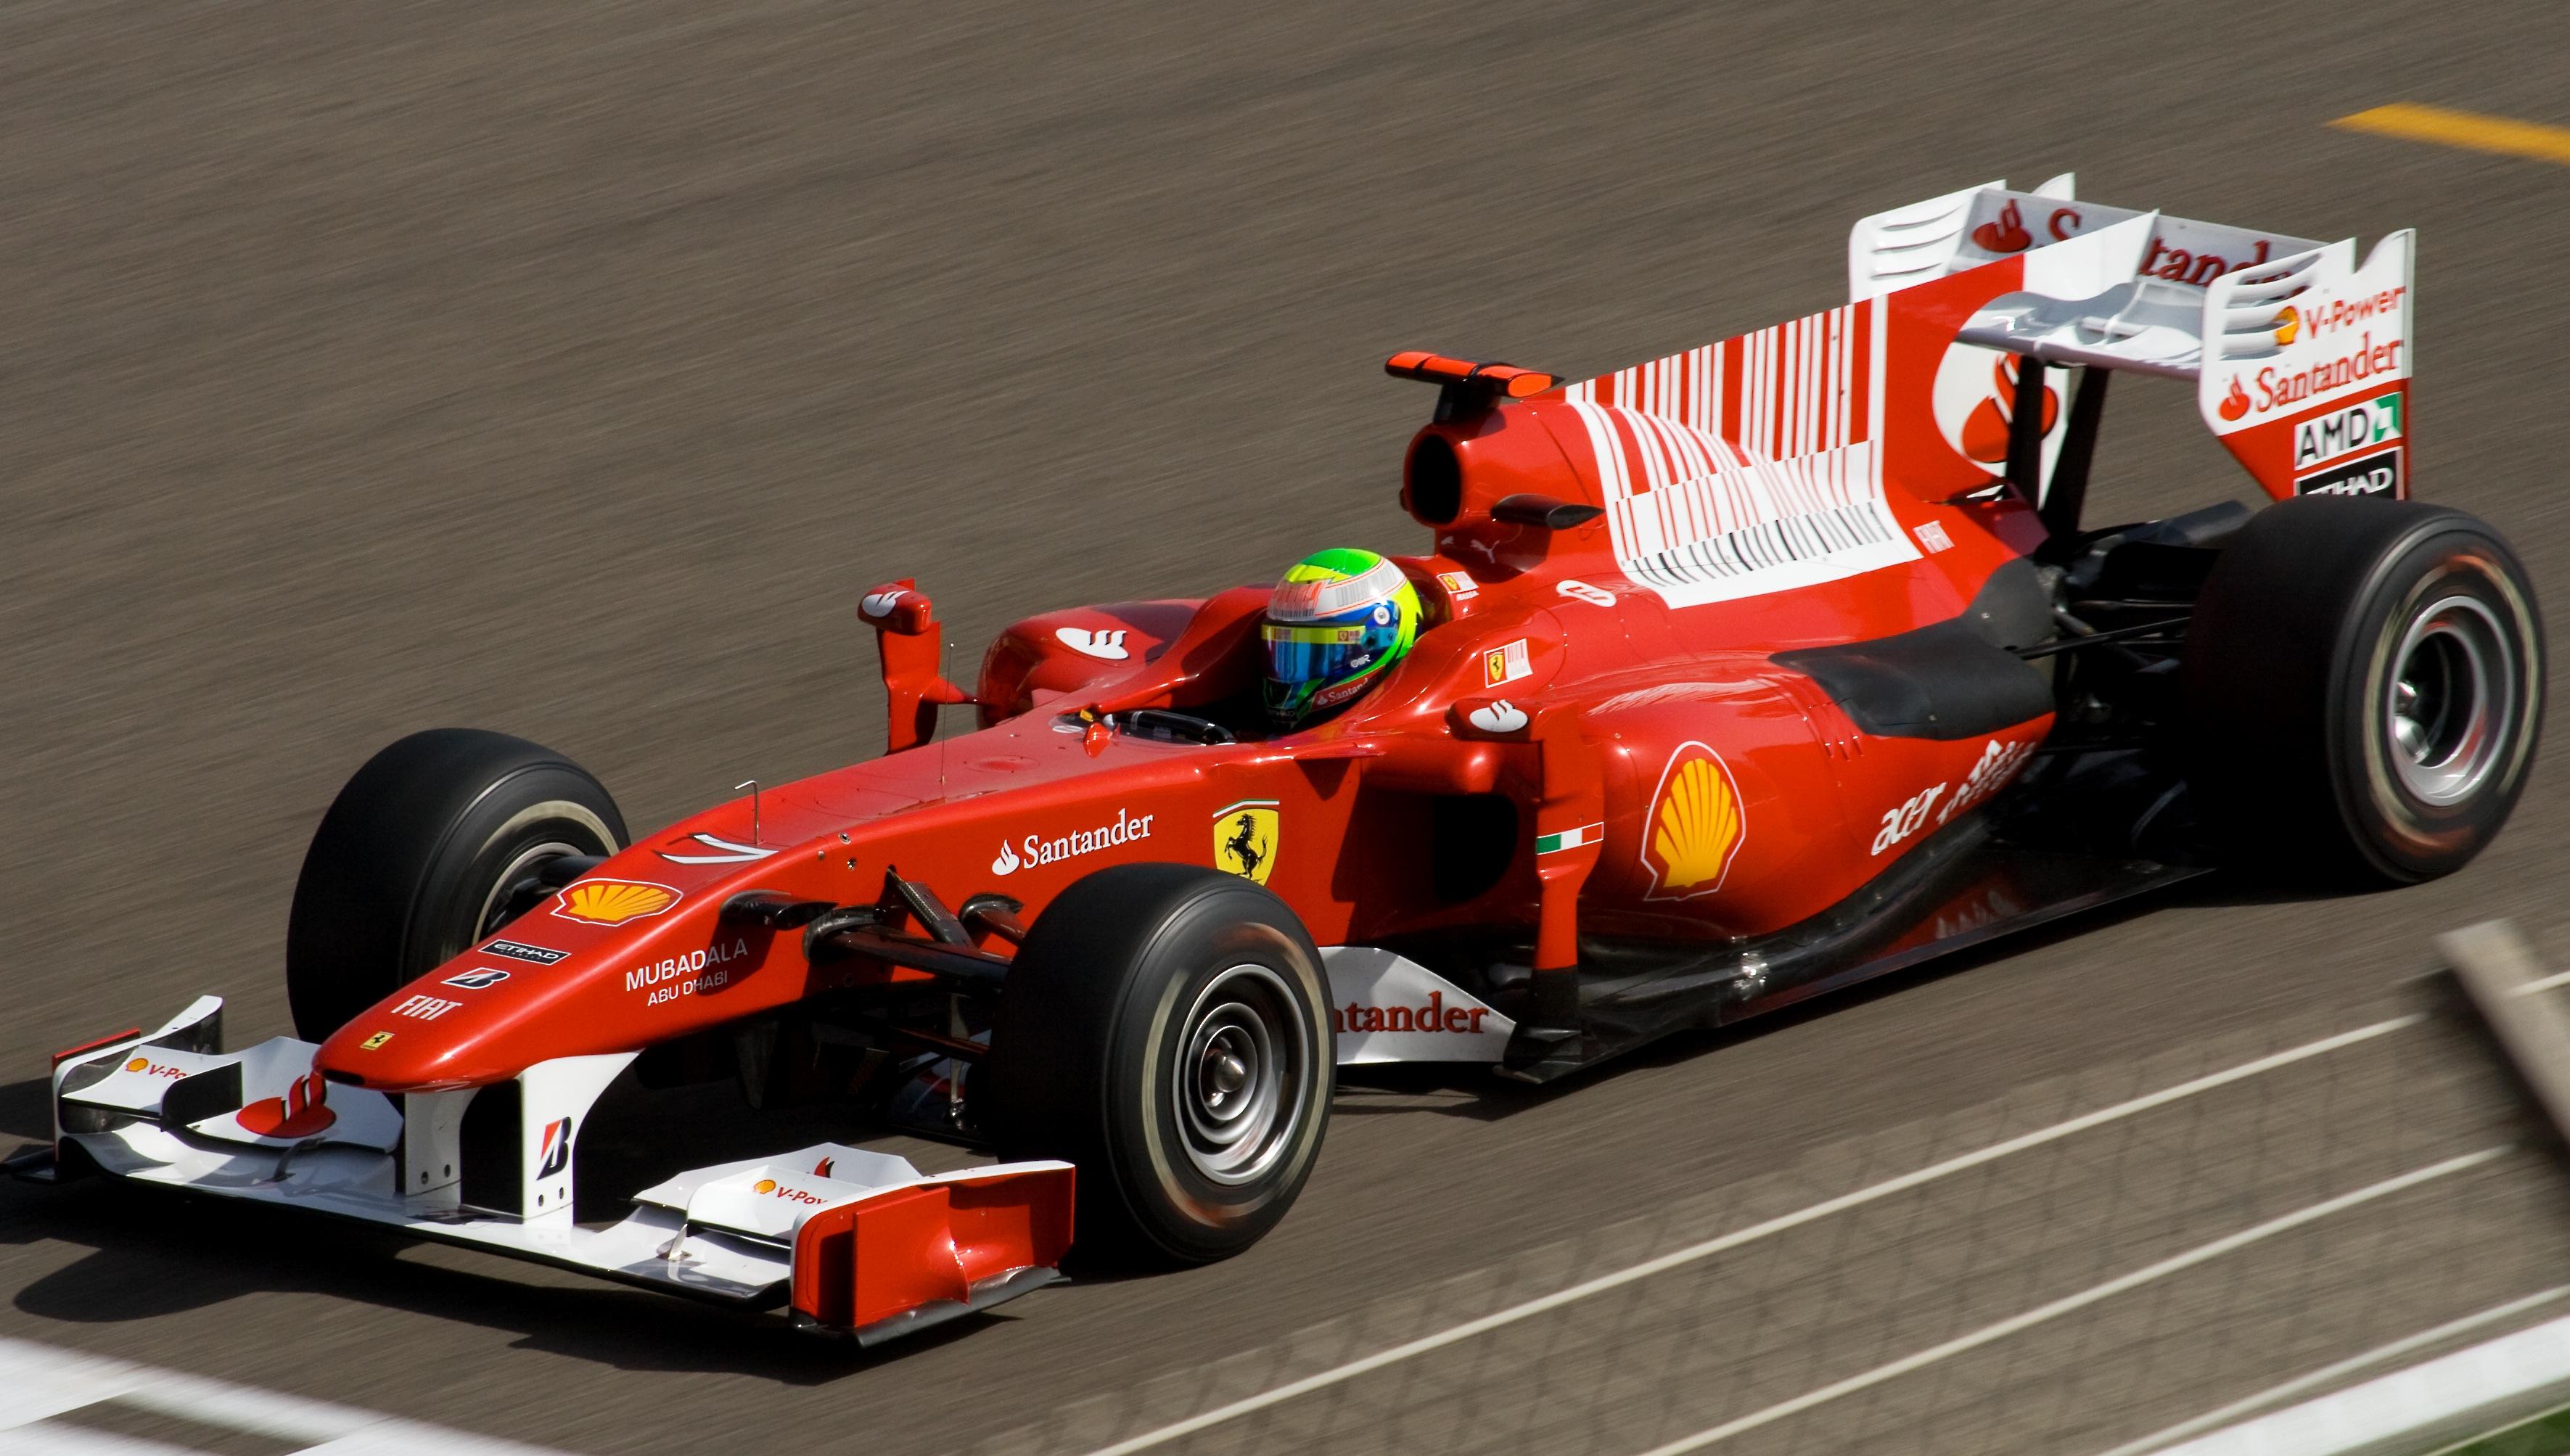 Felipe_Massa_Ferrari_Bahrain_2010_GP.jpg